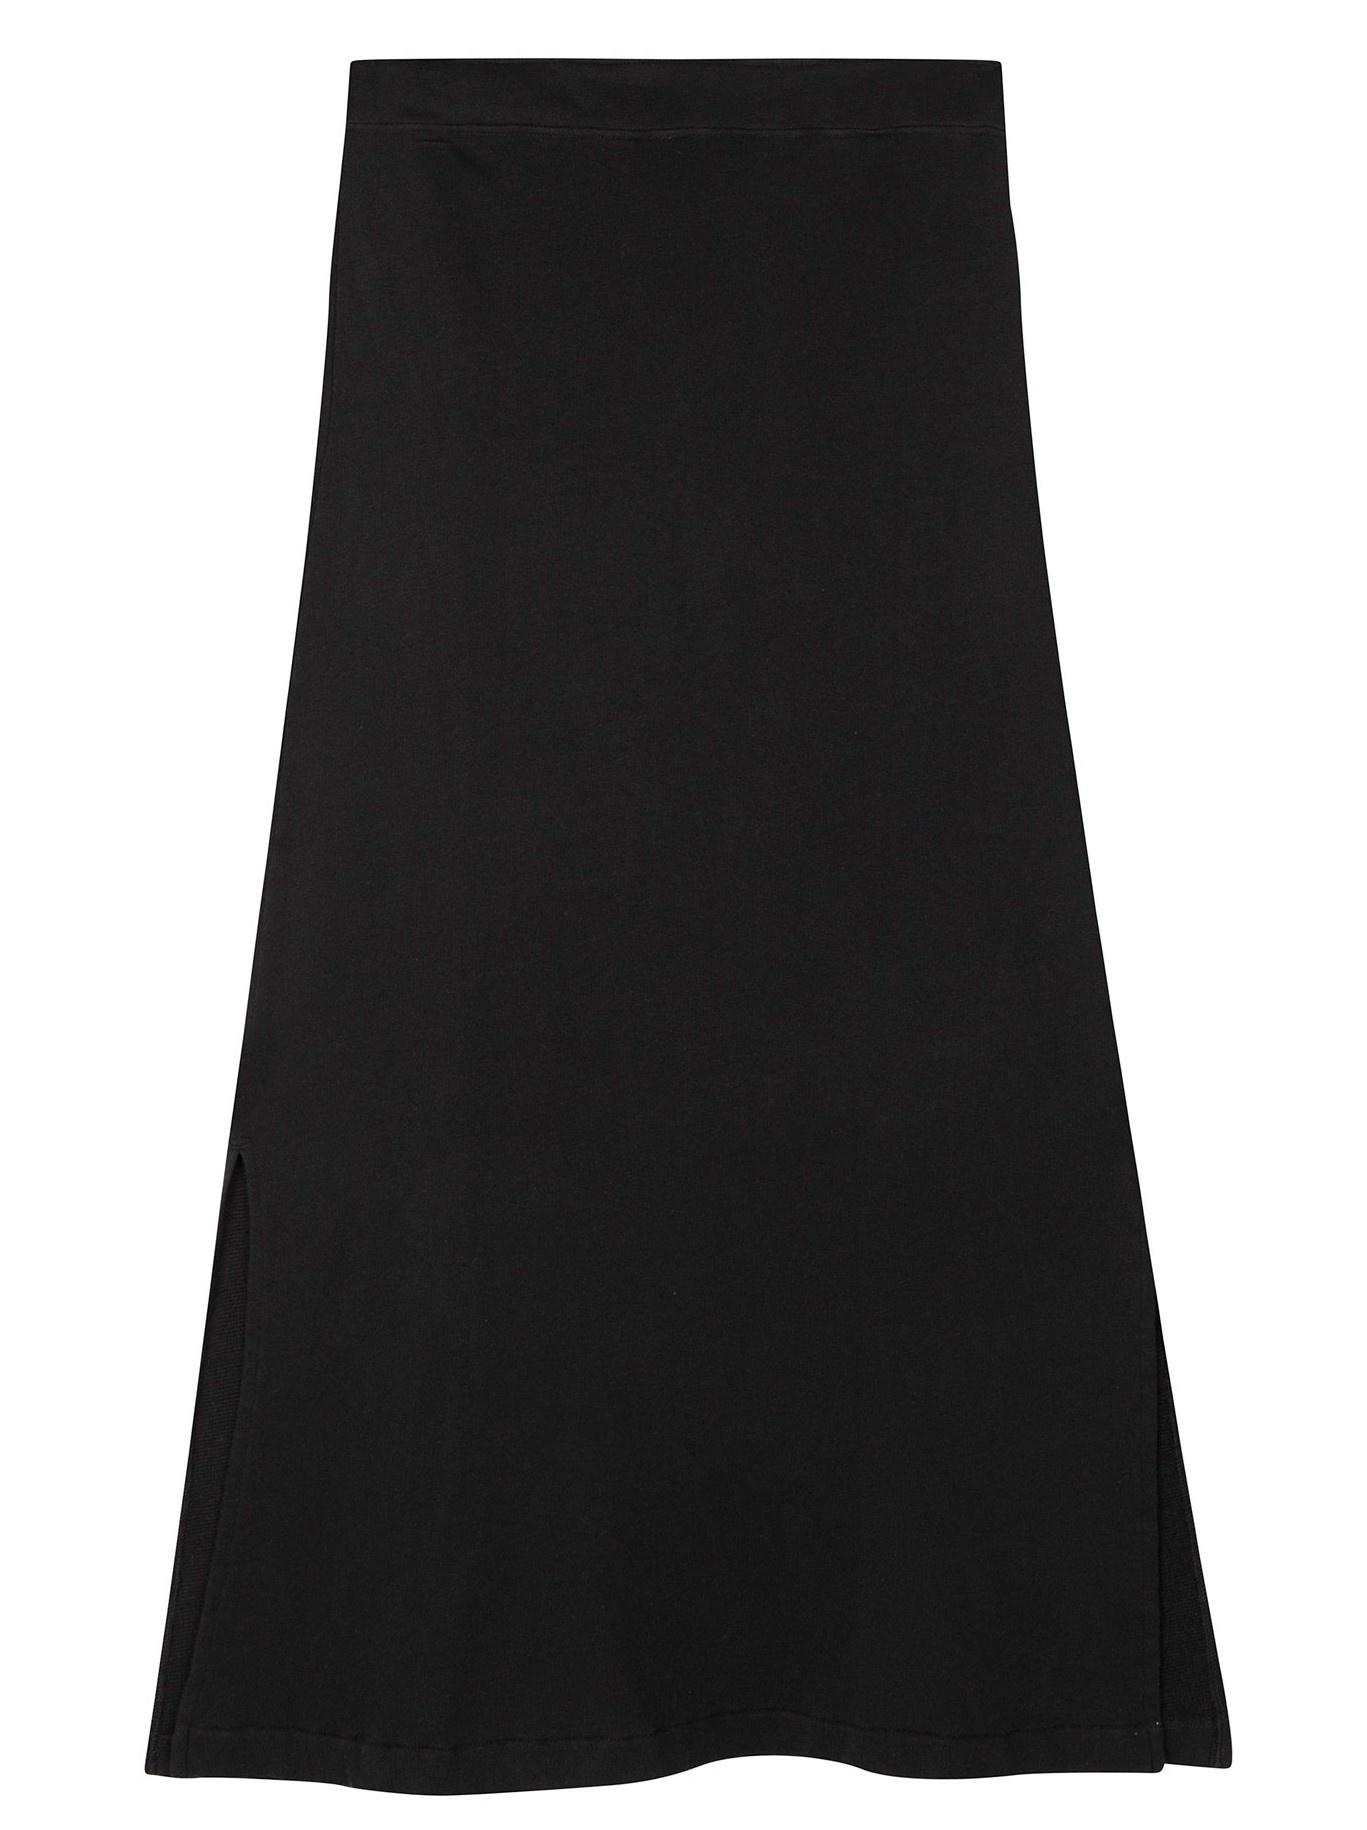 Rok belted long skirt black-6